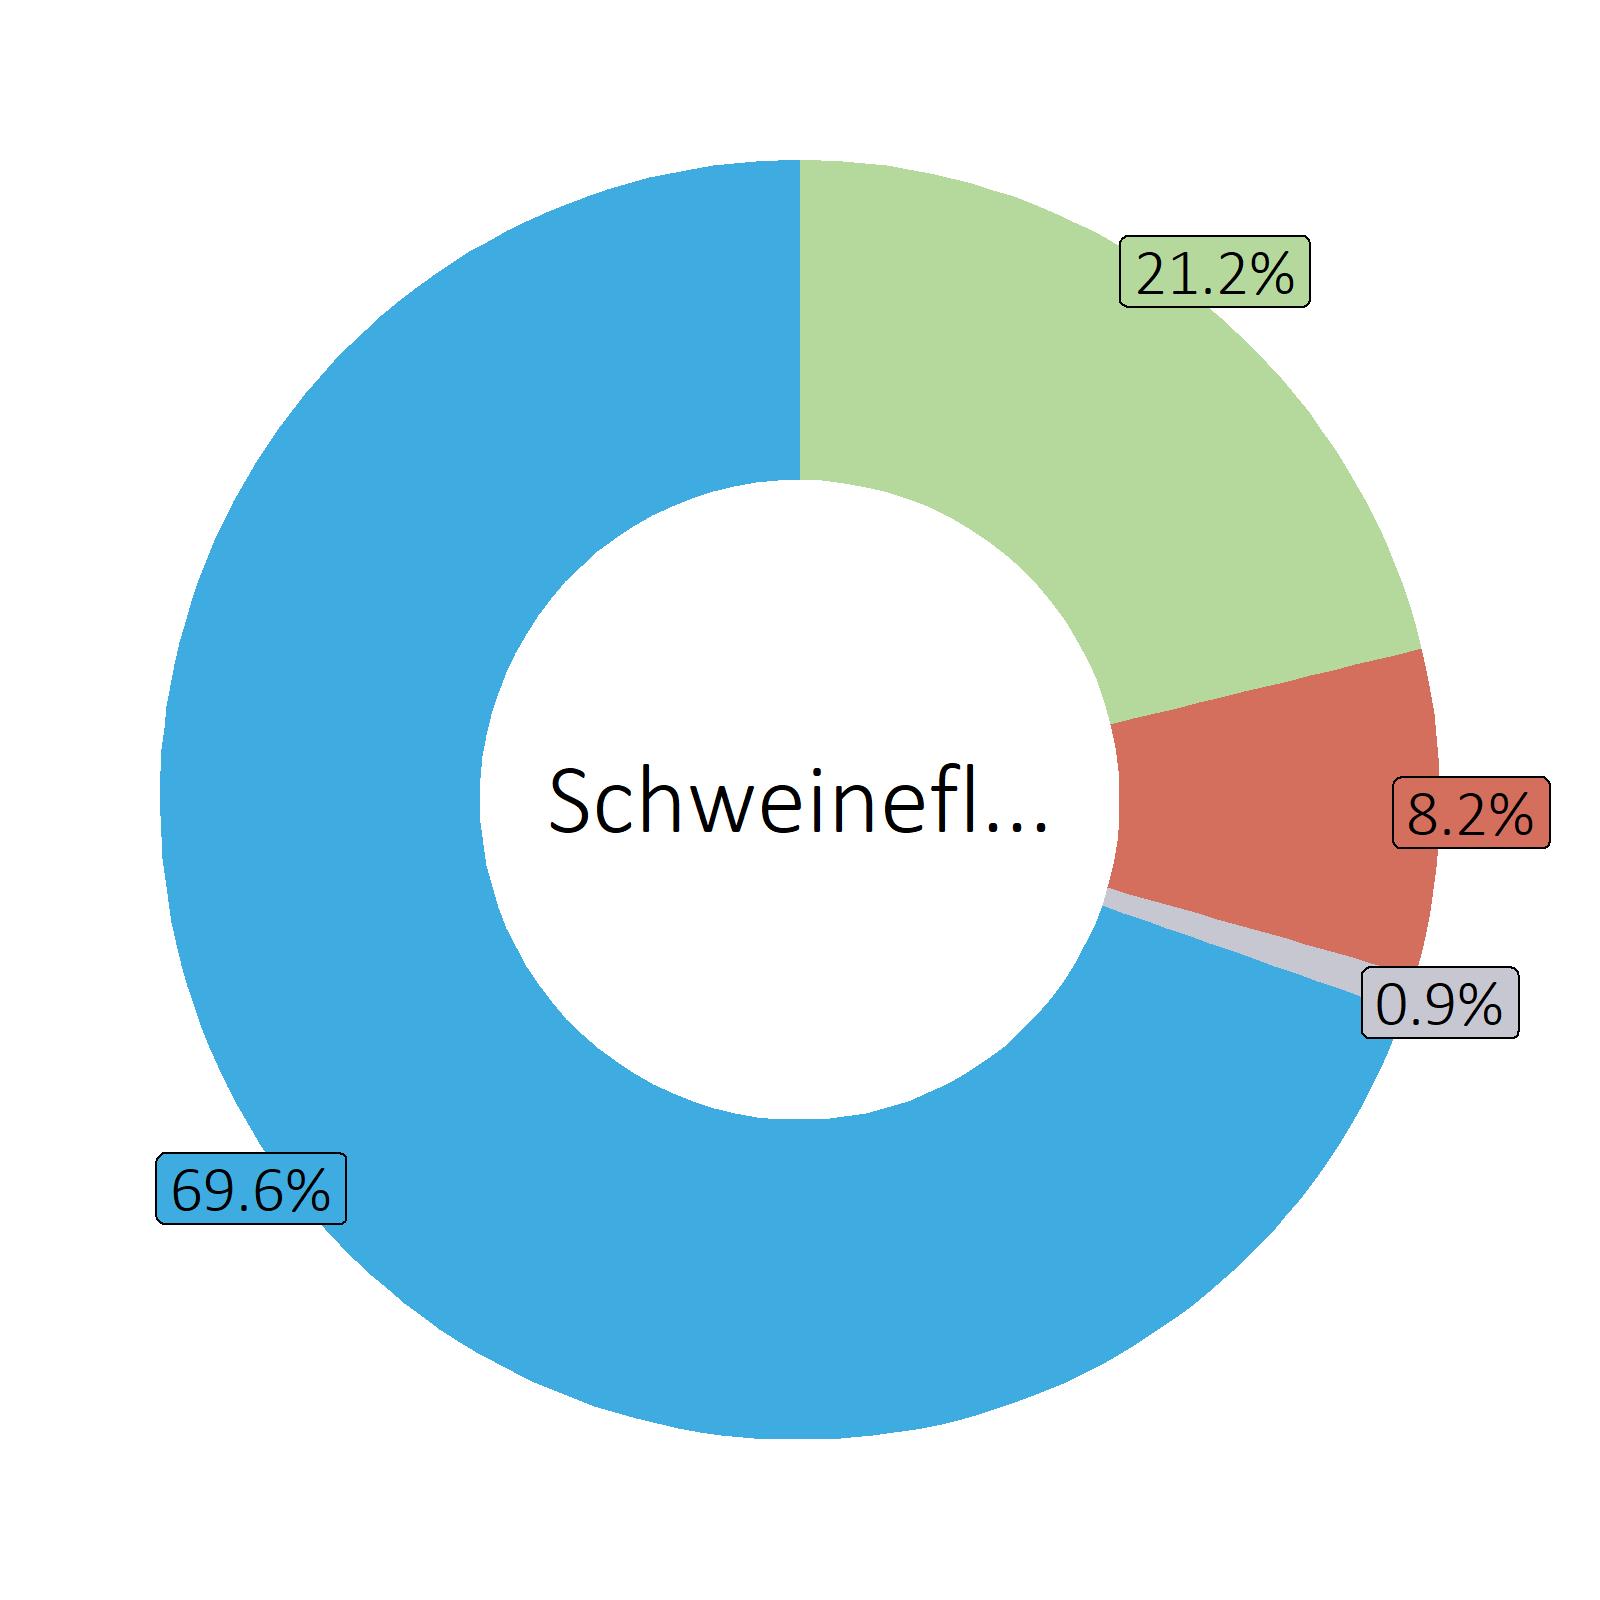 Bestandteile Schweinefleisch (Durchschnitt exkl. Innereien, Kotelett, Haxe)